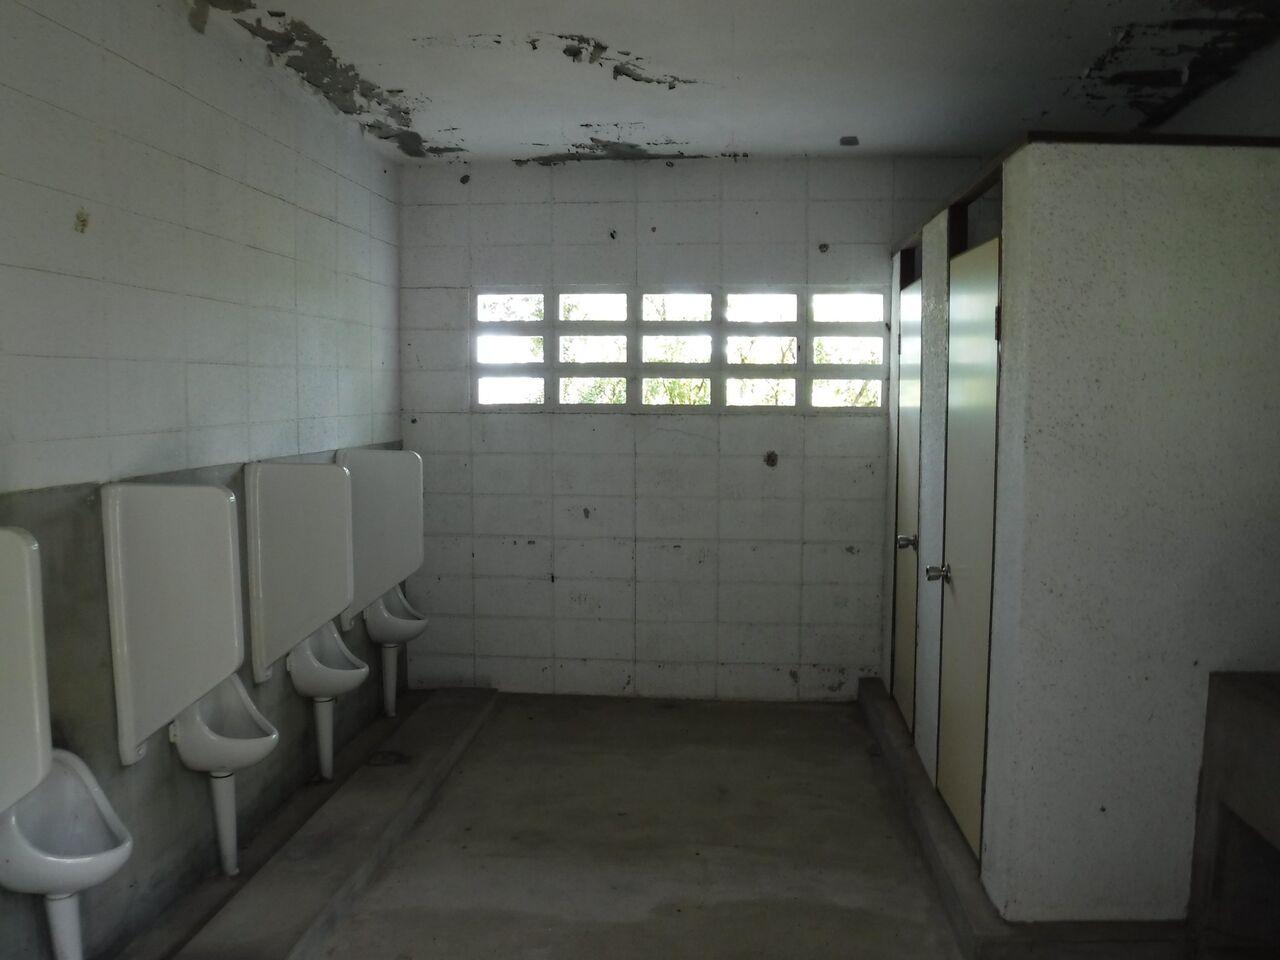 公衆 どこ の は 近く トイレ